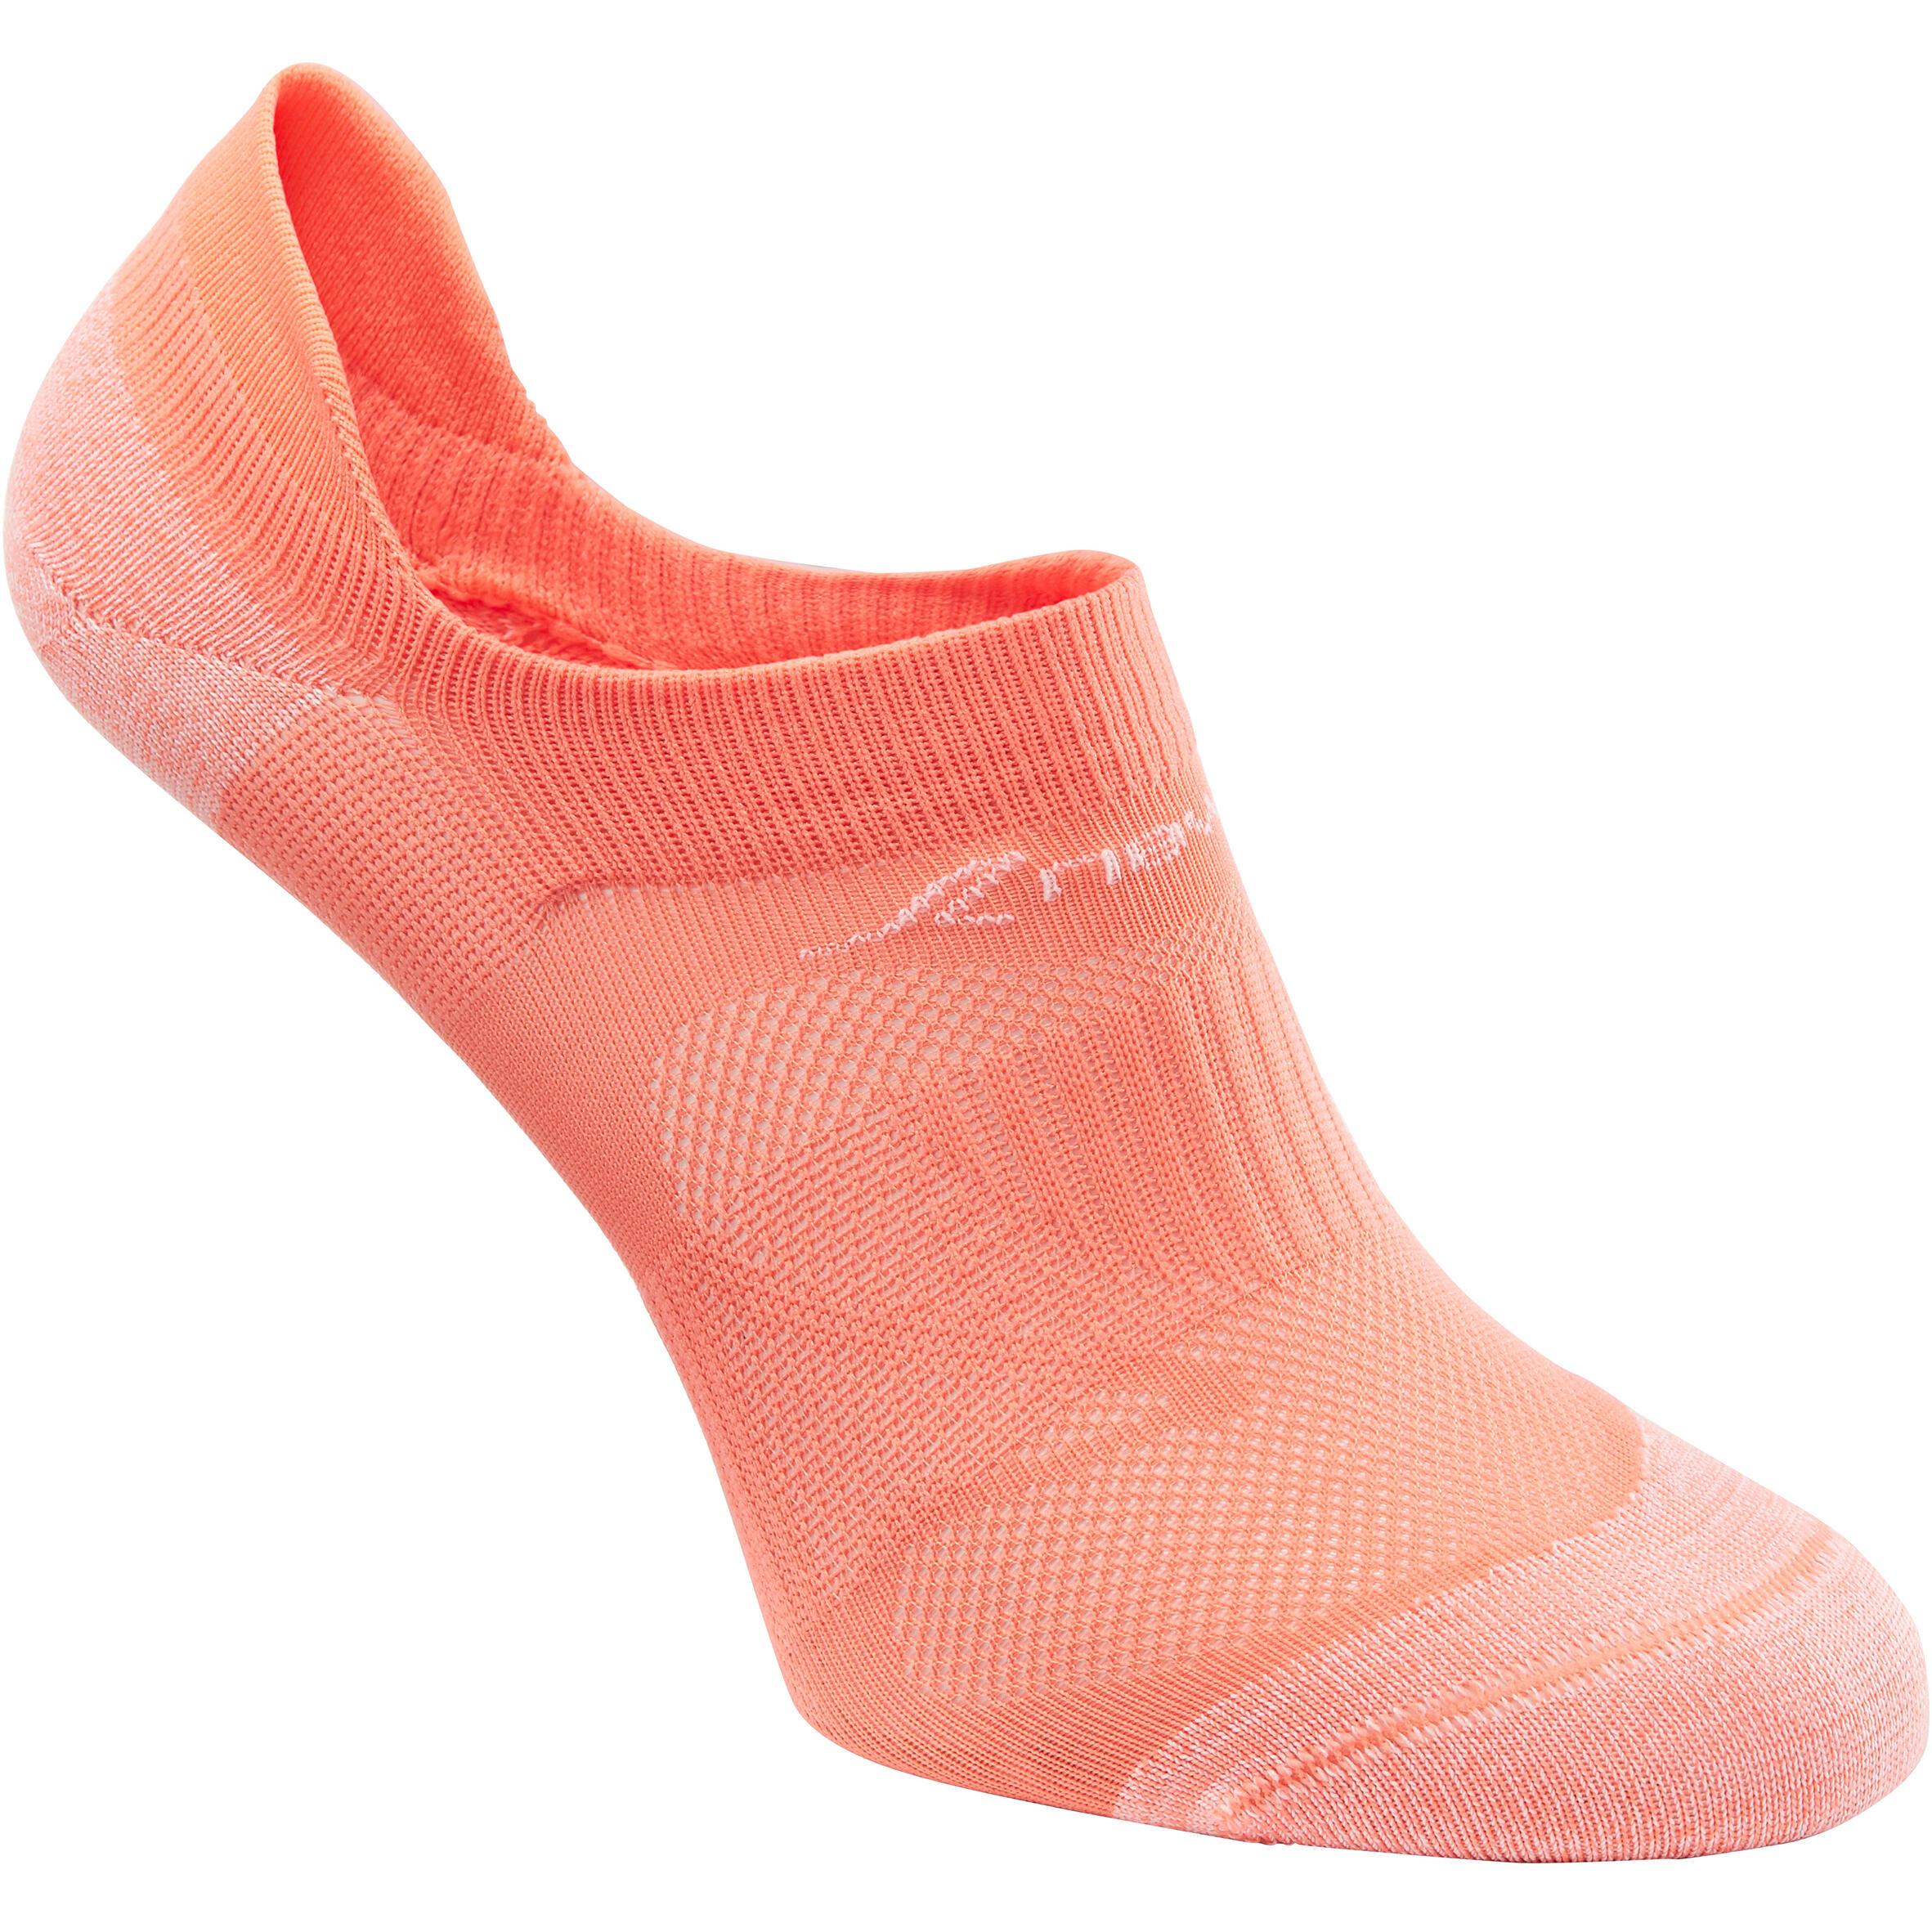 Newfeel Sokken voor sportief wandelen SK 500 Fresh koraalrood